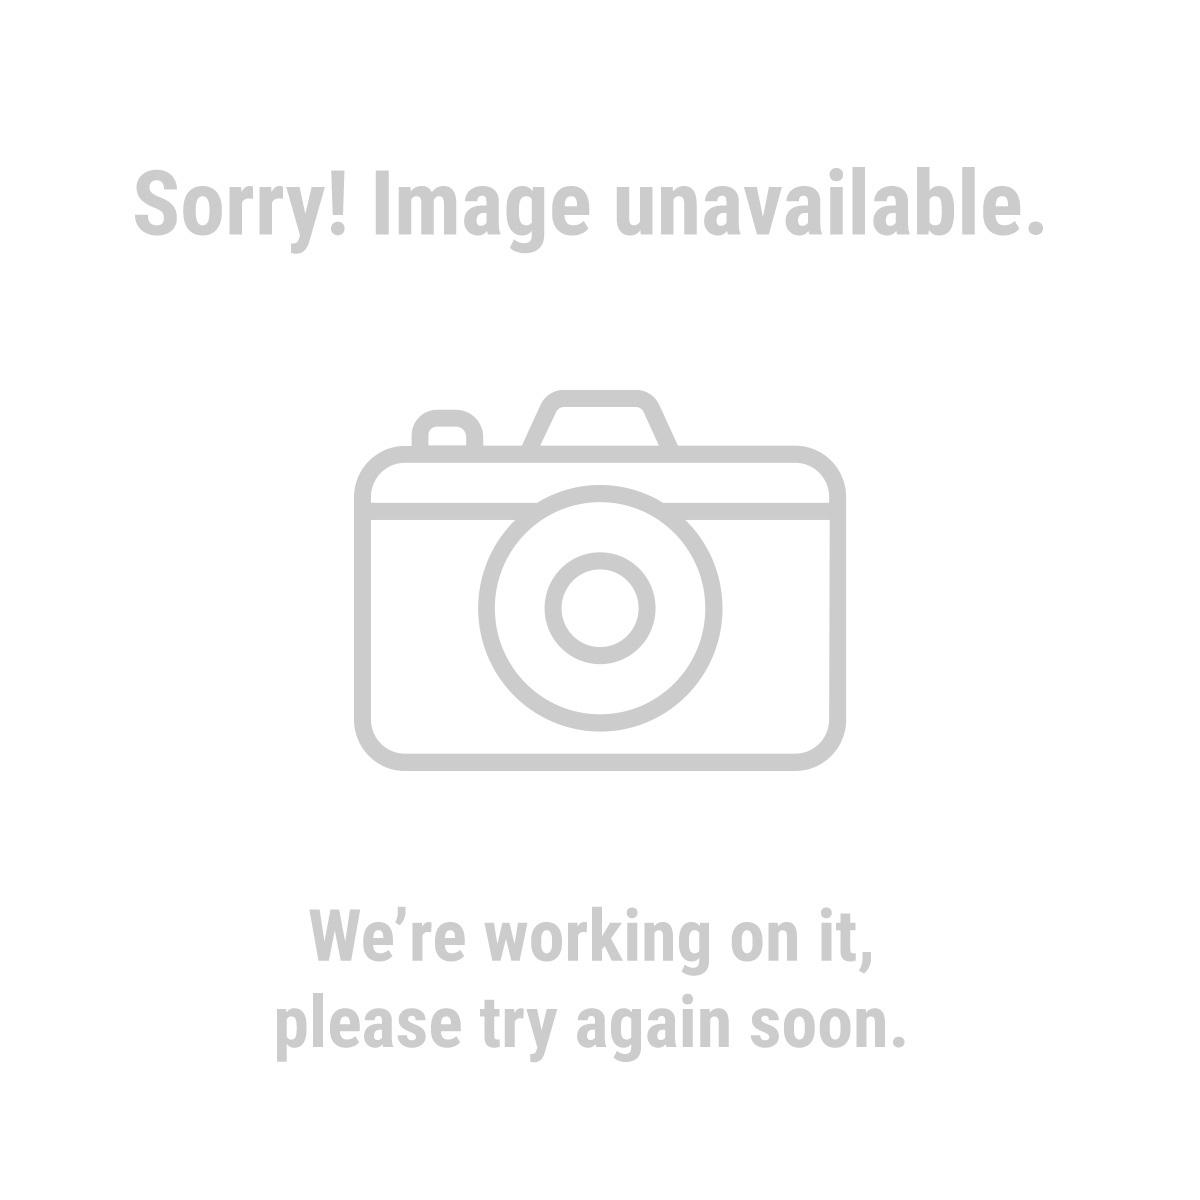 HFT 61864 25 ft. x 12 Gauge Outdoor Extension Cord